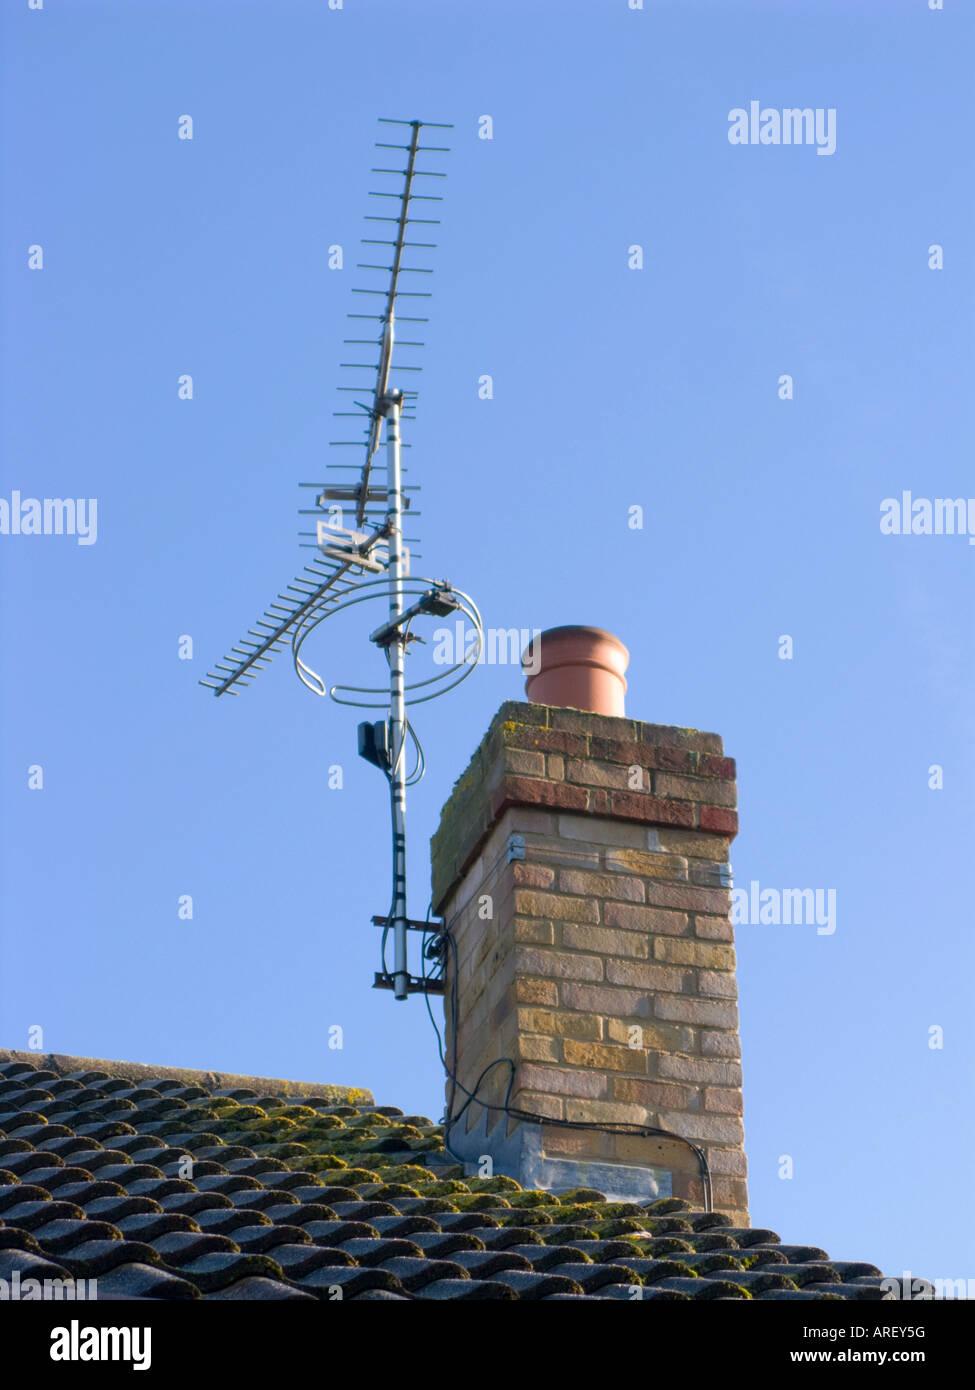 Image en couleur à la recherche jusqu'à un toit et chimley qui a une tv par antenne attaché à lui, ciel bleu clair Banque D'Images